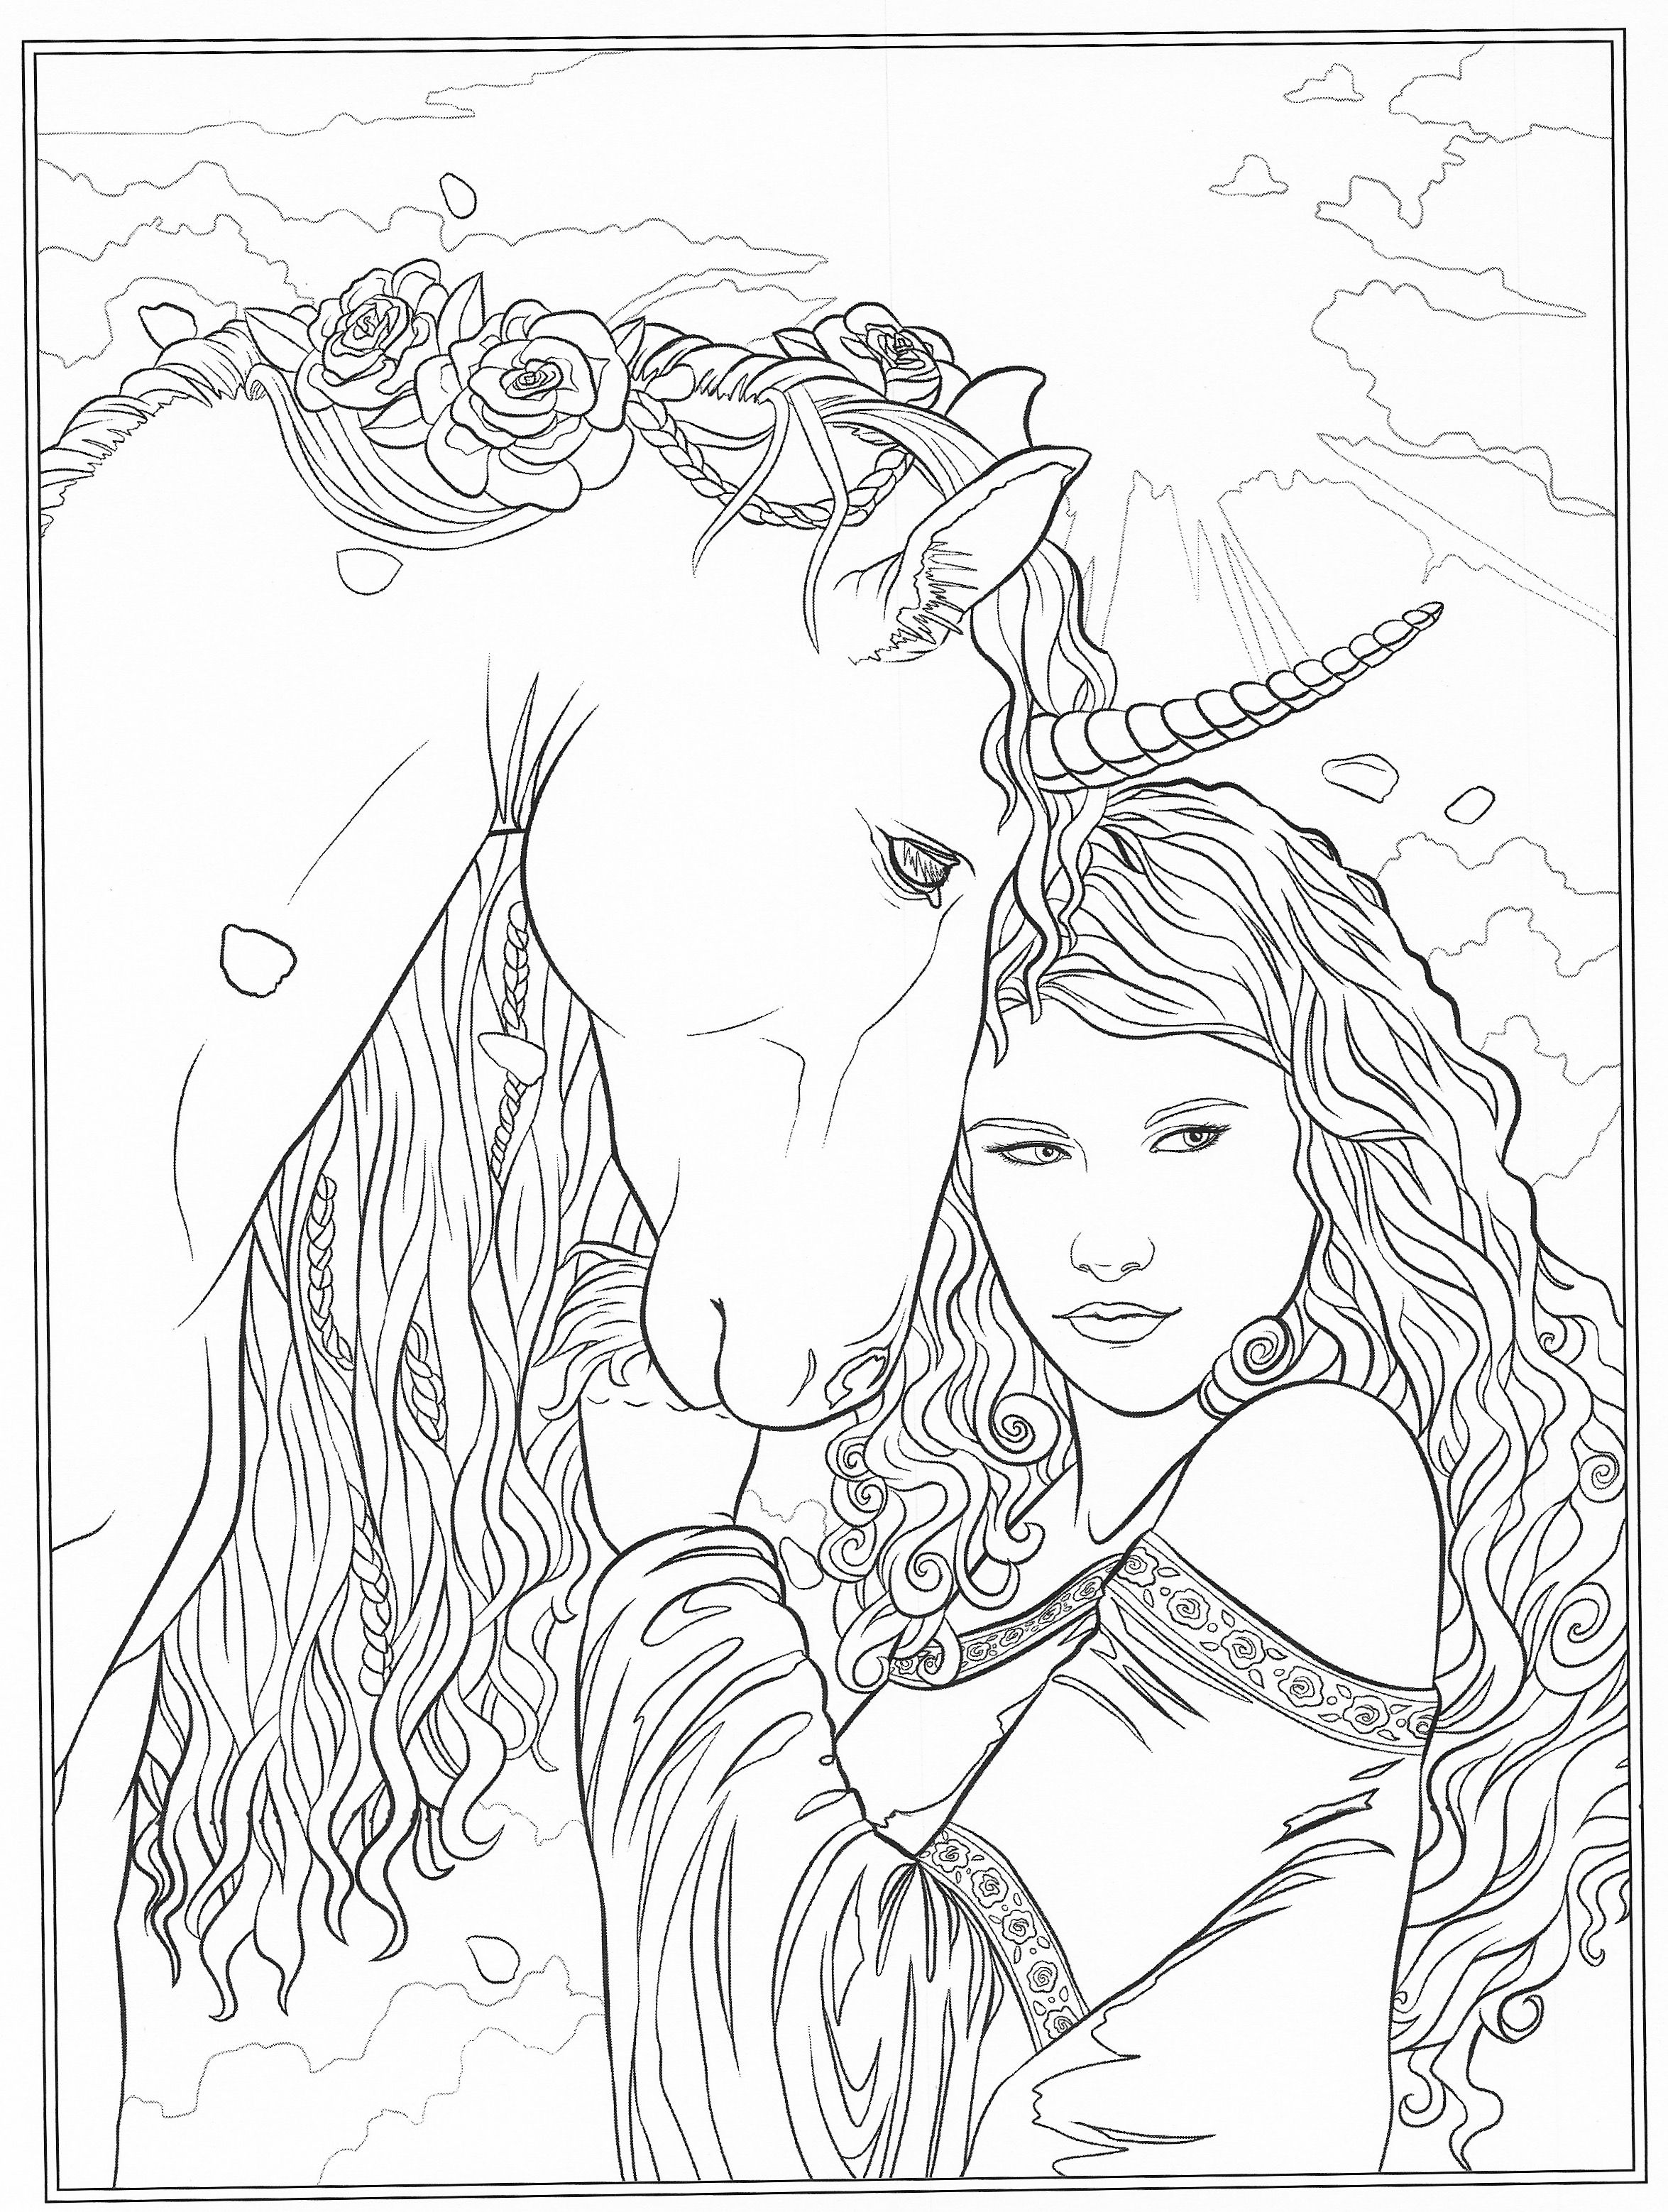 Pin de Val Wilson en Coloring pages | Pinterest | Puntillismo y Dibujo